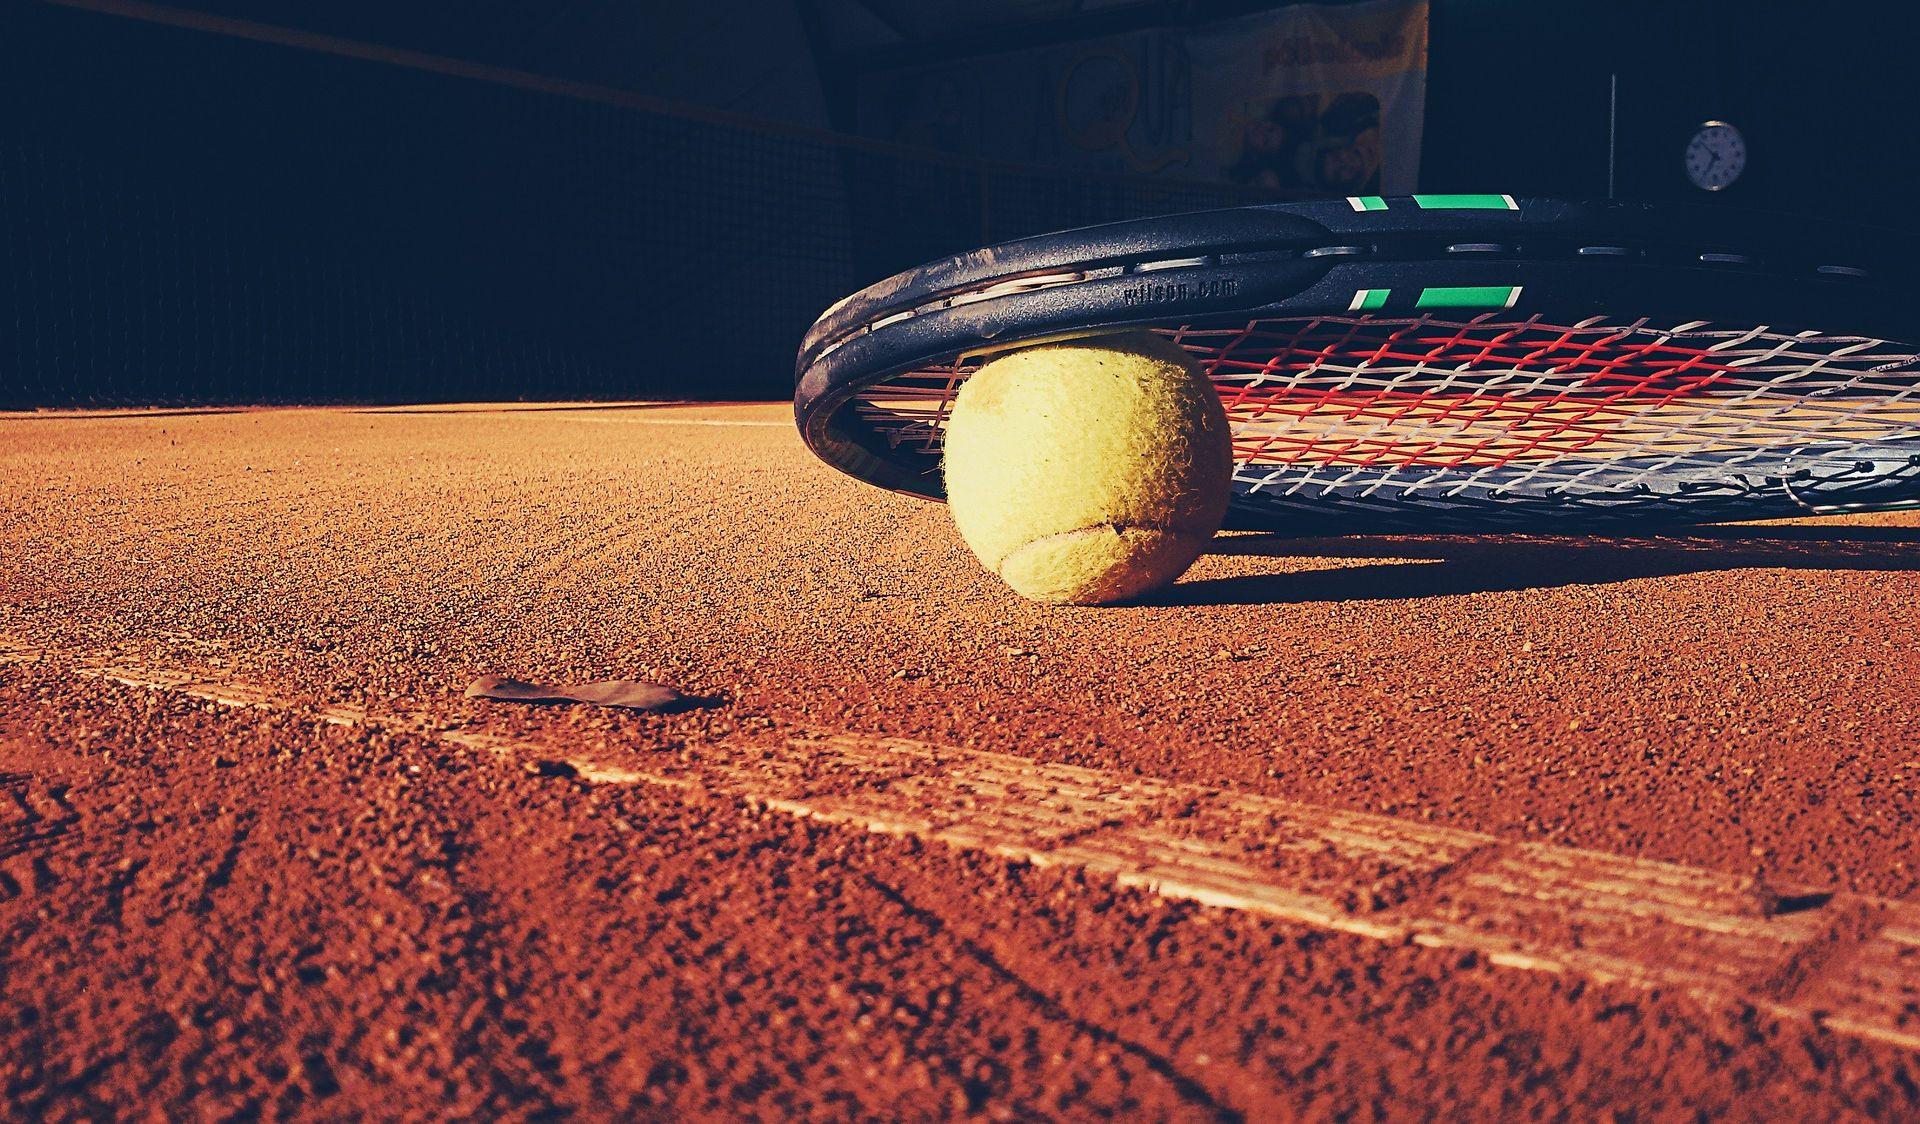 TENISKA AFERA Namješteno 97 mečeva, uhićeno 28 tenisača